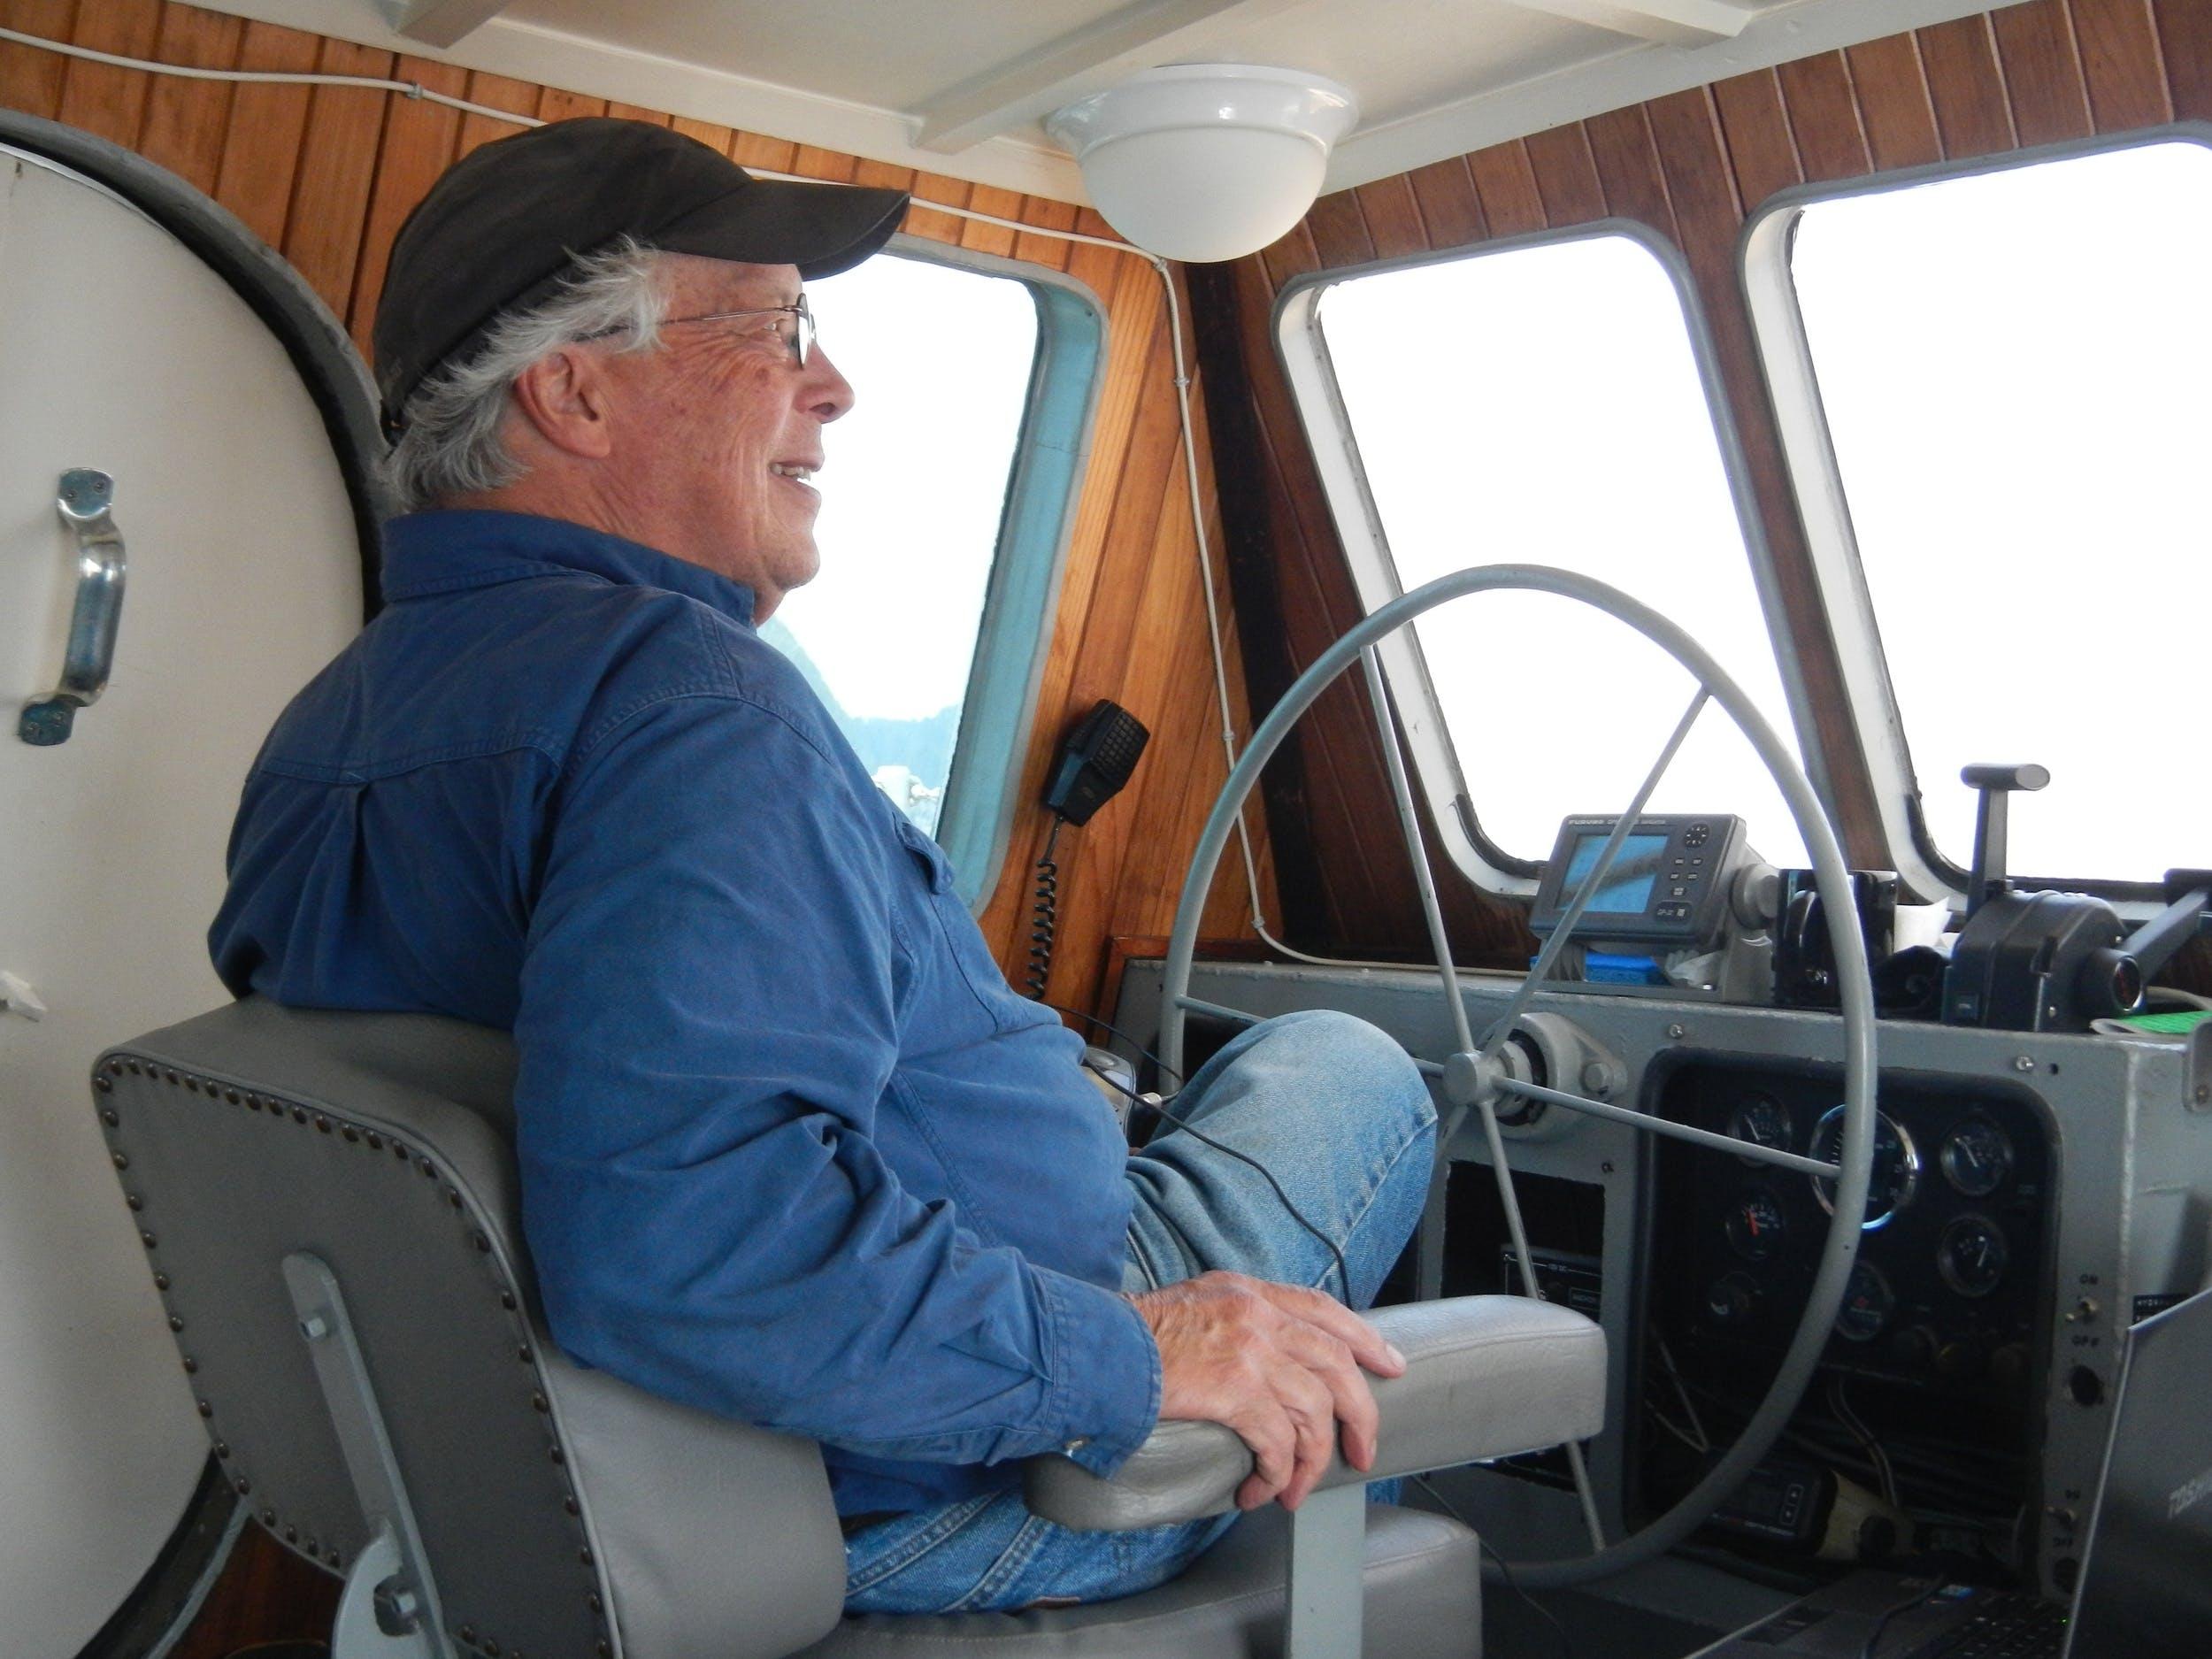 Captain Mike Brittain on the bridge of his ship near Seward, AK